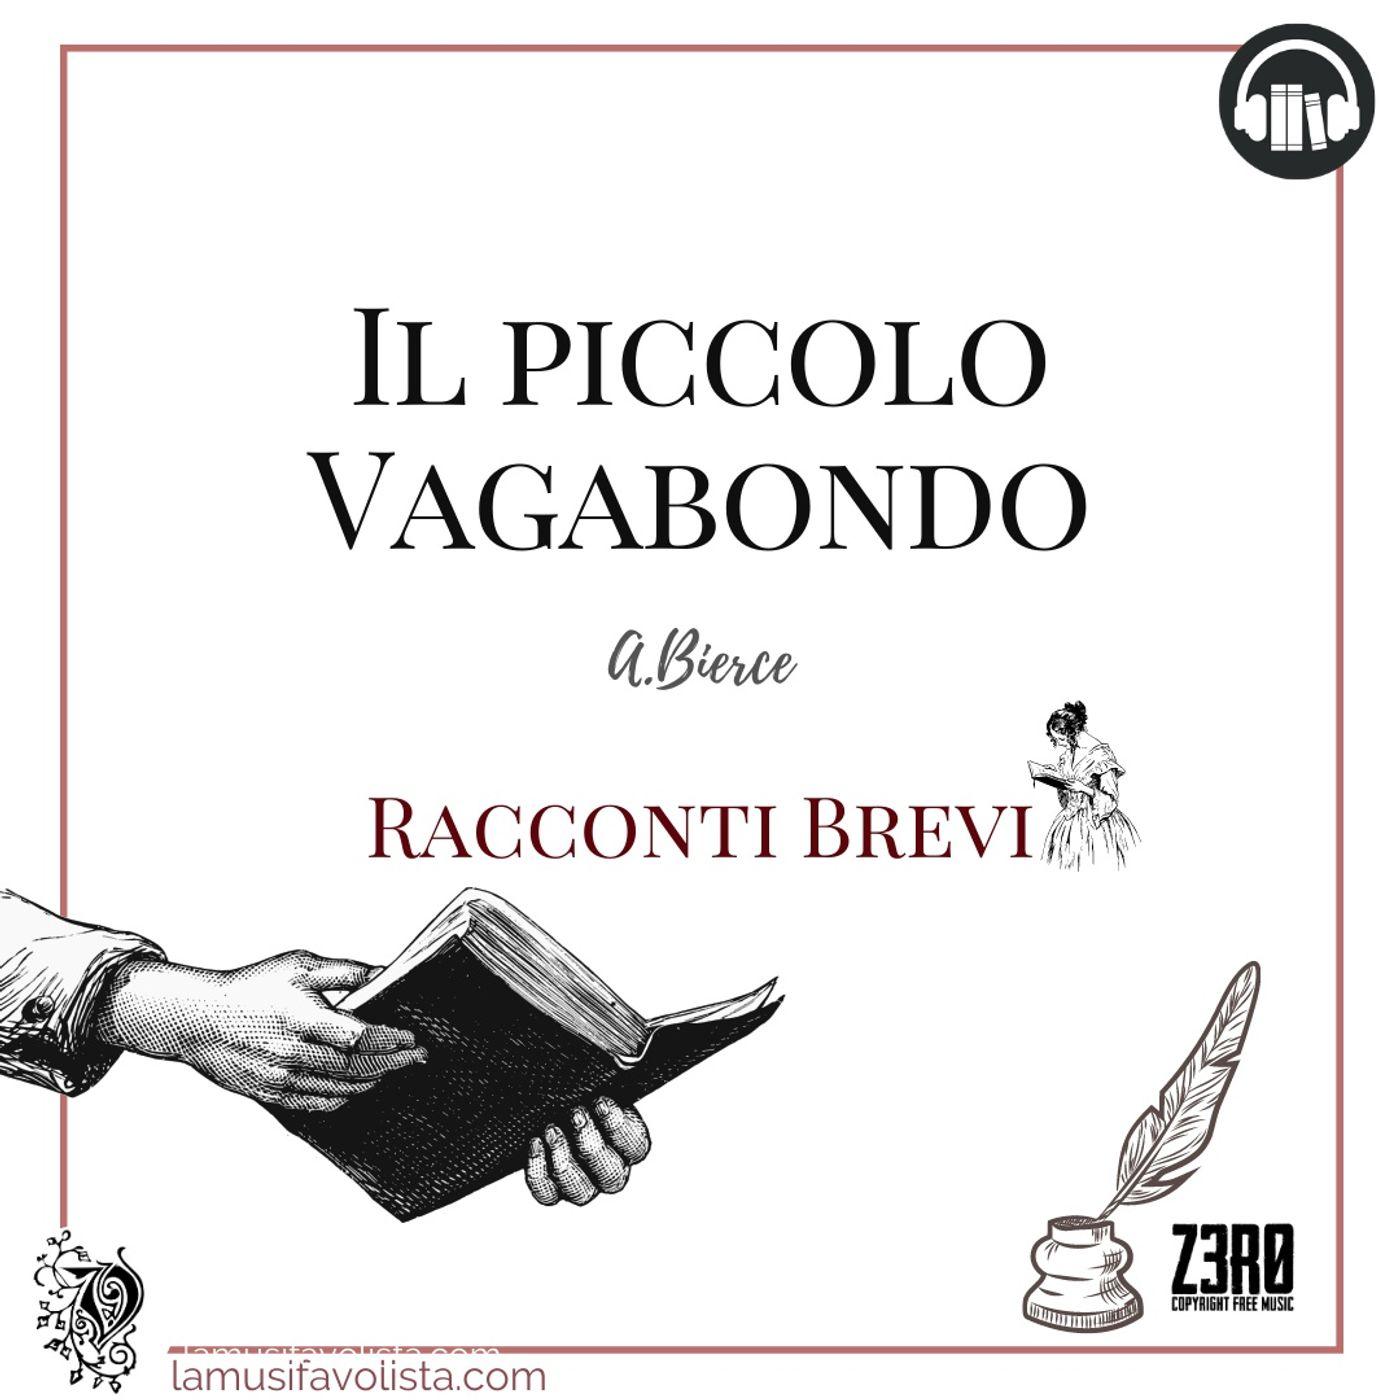 IL PICCOLO VAGABONDO • A. Bierce ☆ Racconti Brevi ☆